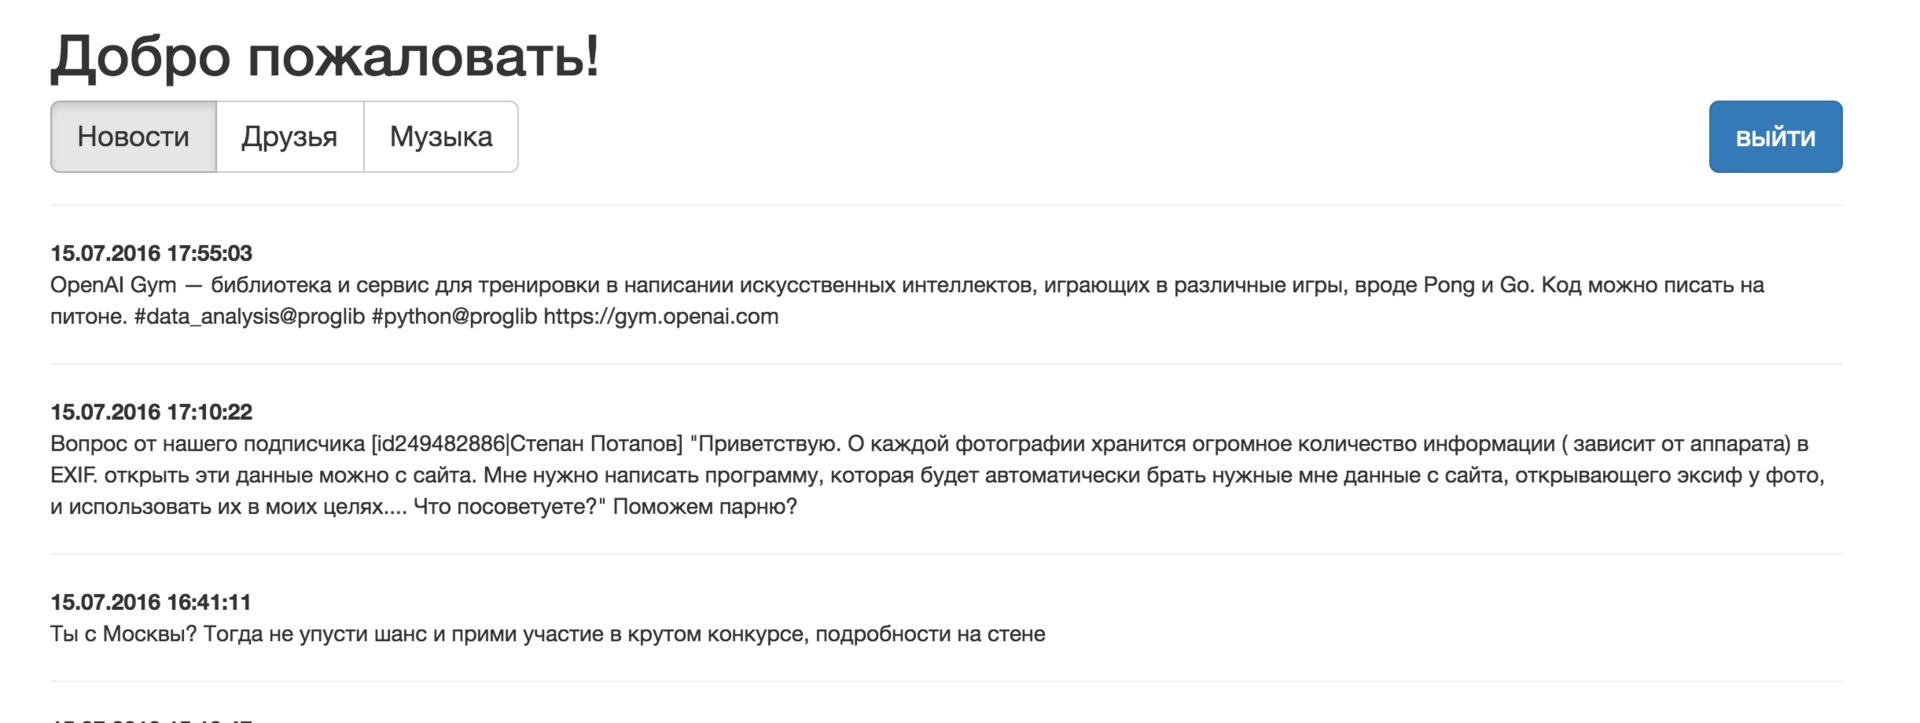 Делаем крутые Single Page Application на basis.js — часть 3. Клиент для «ВКонтакте» - 5